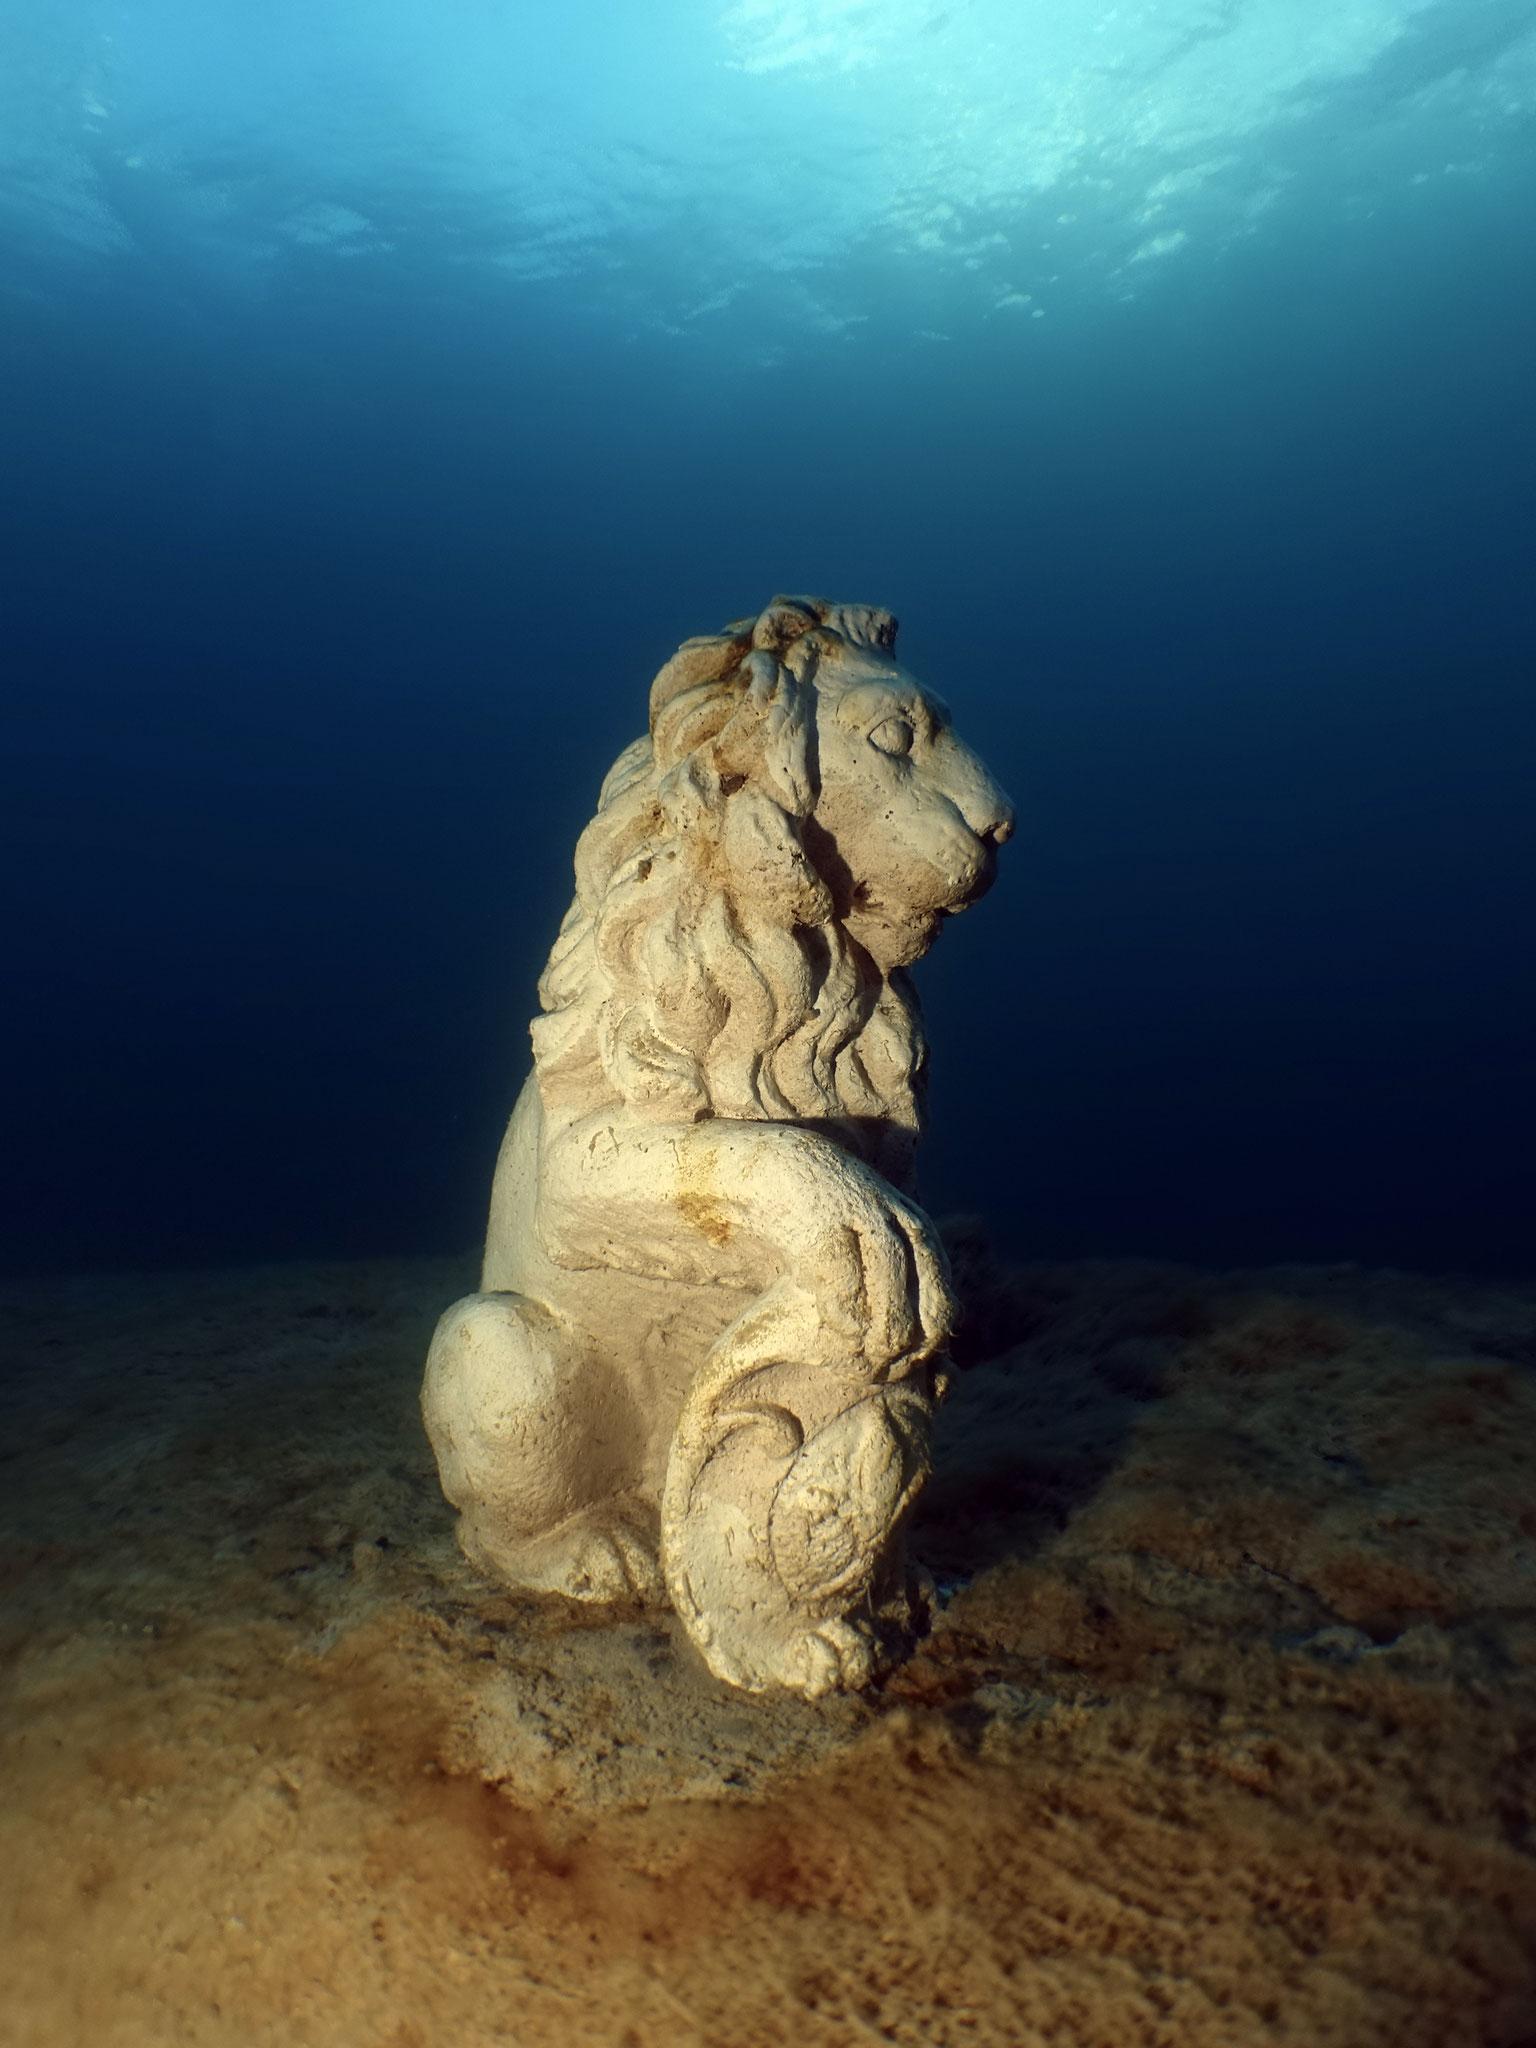 Le lion, emblème de Martigny, génial pour Ti-Plunch